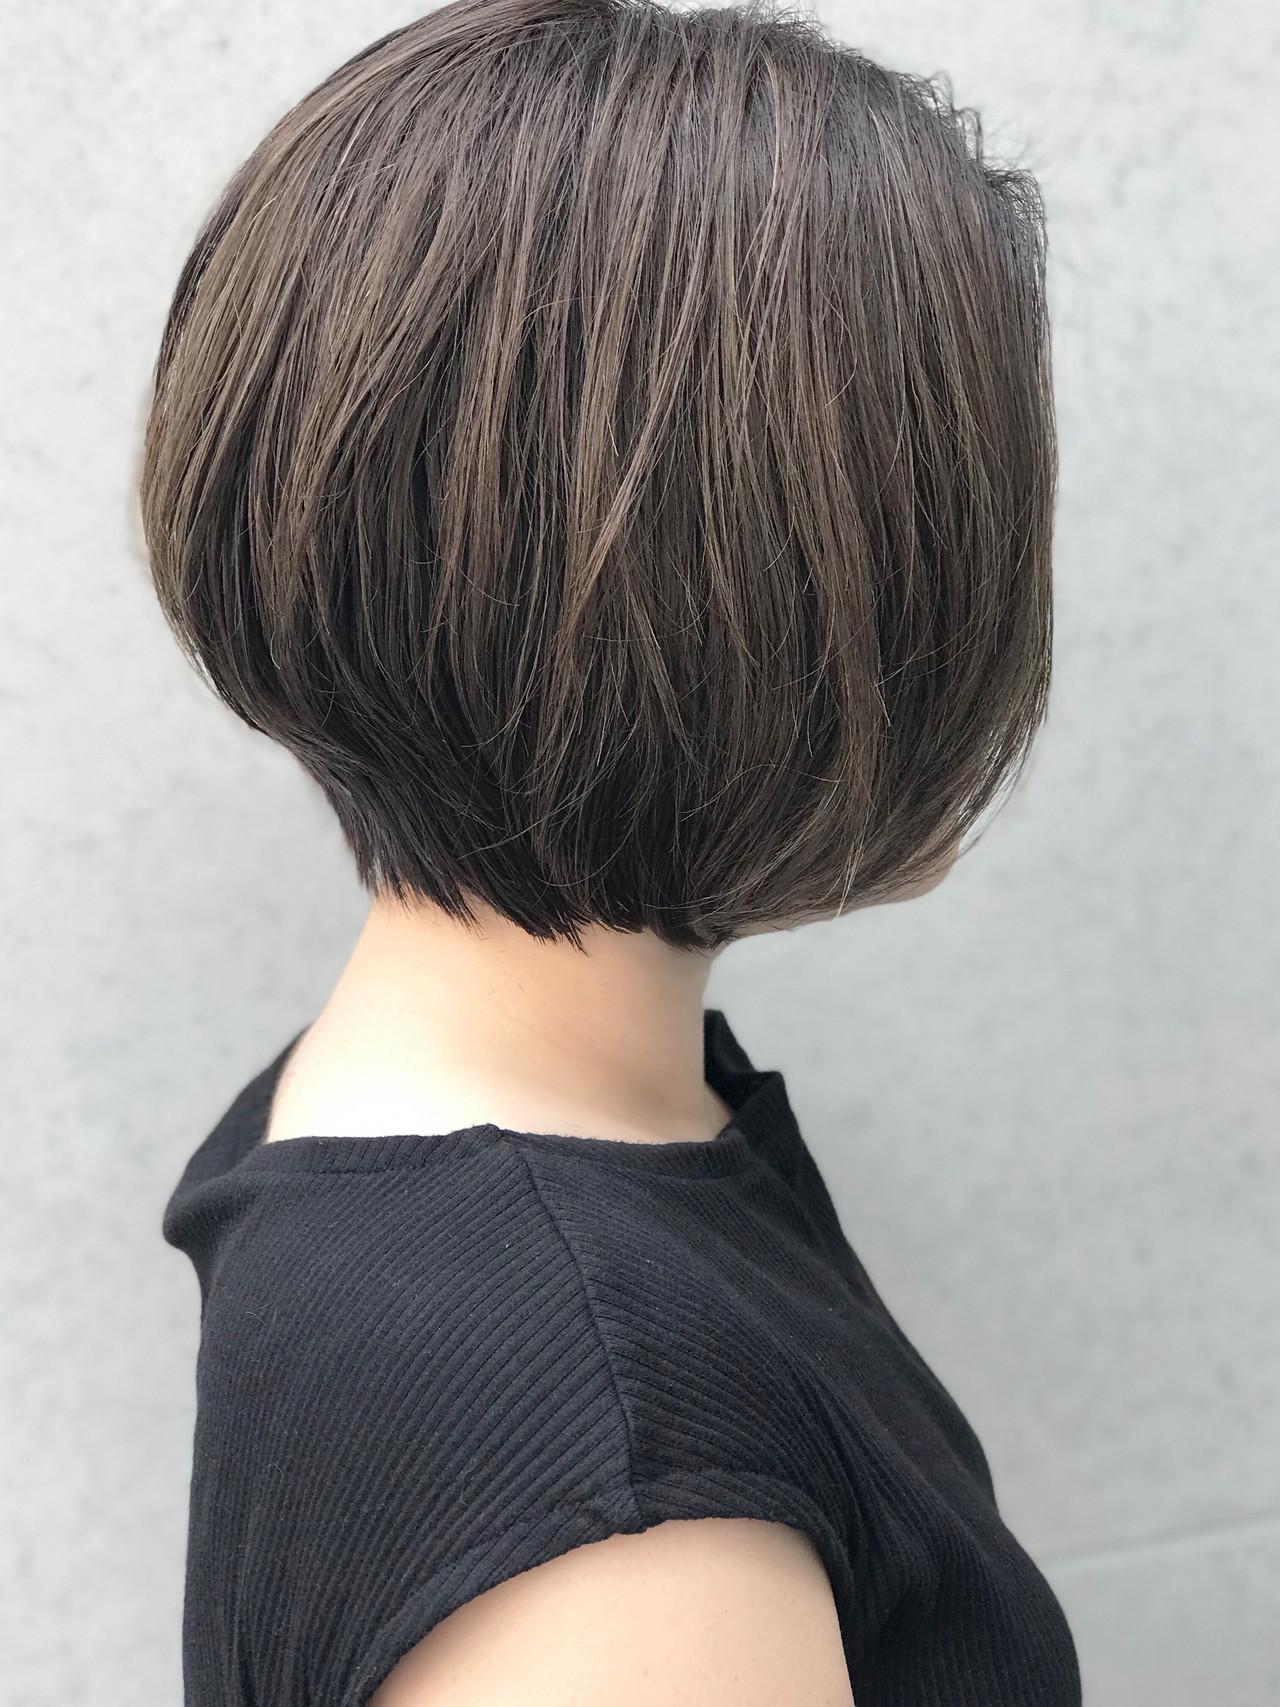 ショートボブ 前下がりボブ ショートヘア ボブ ヘアスタイルや髪型の写真・画像